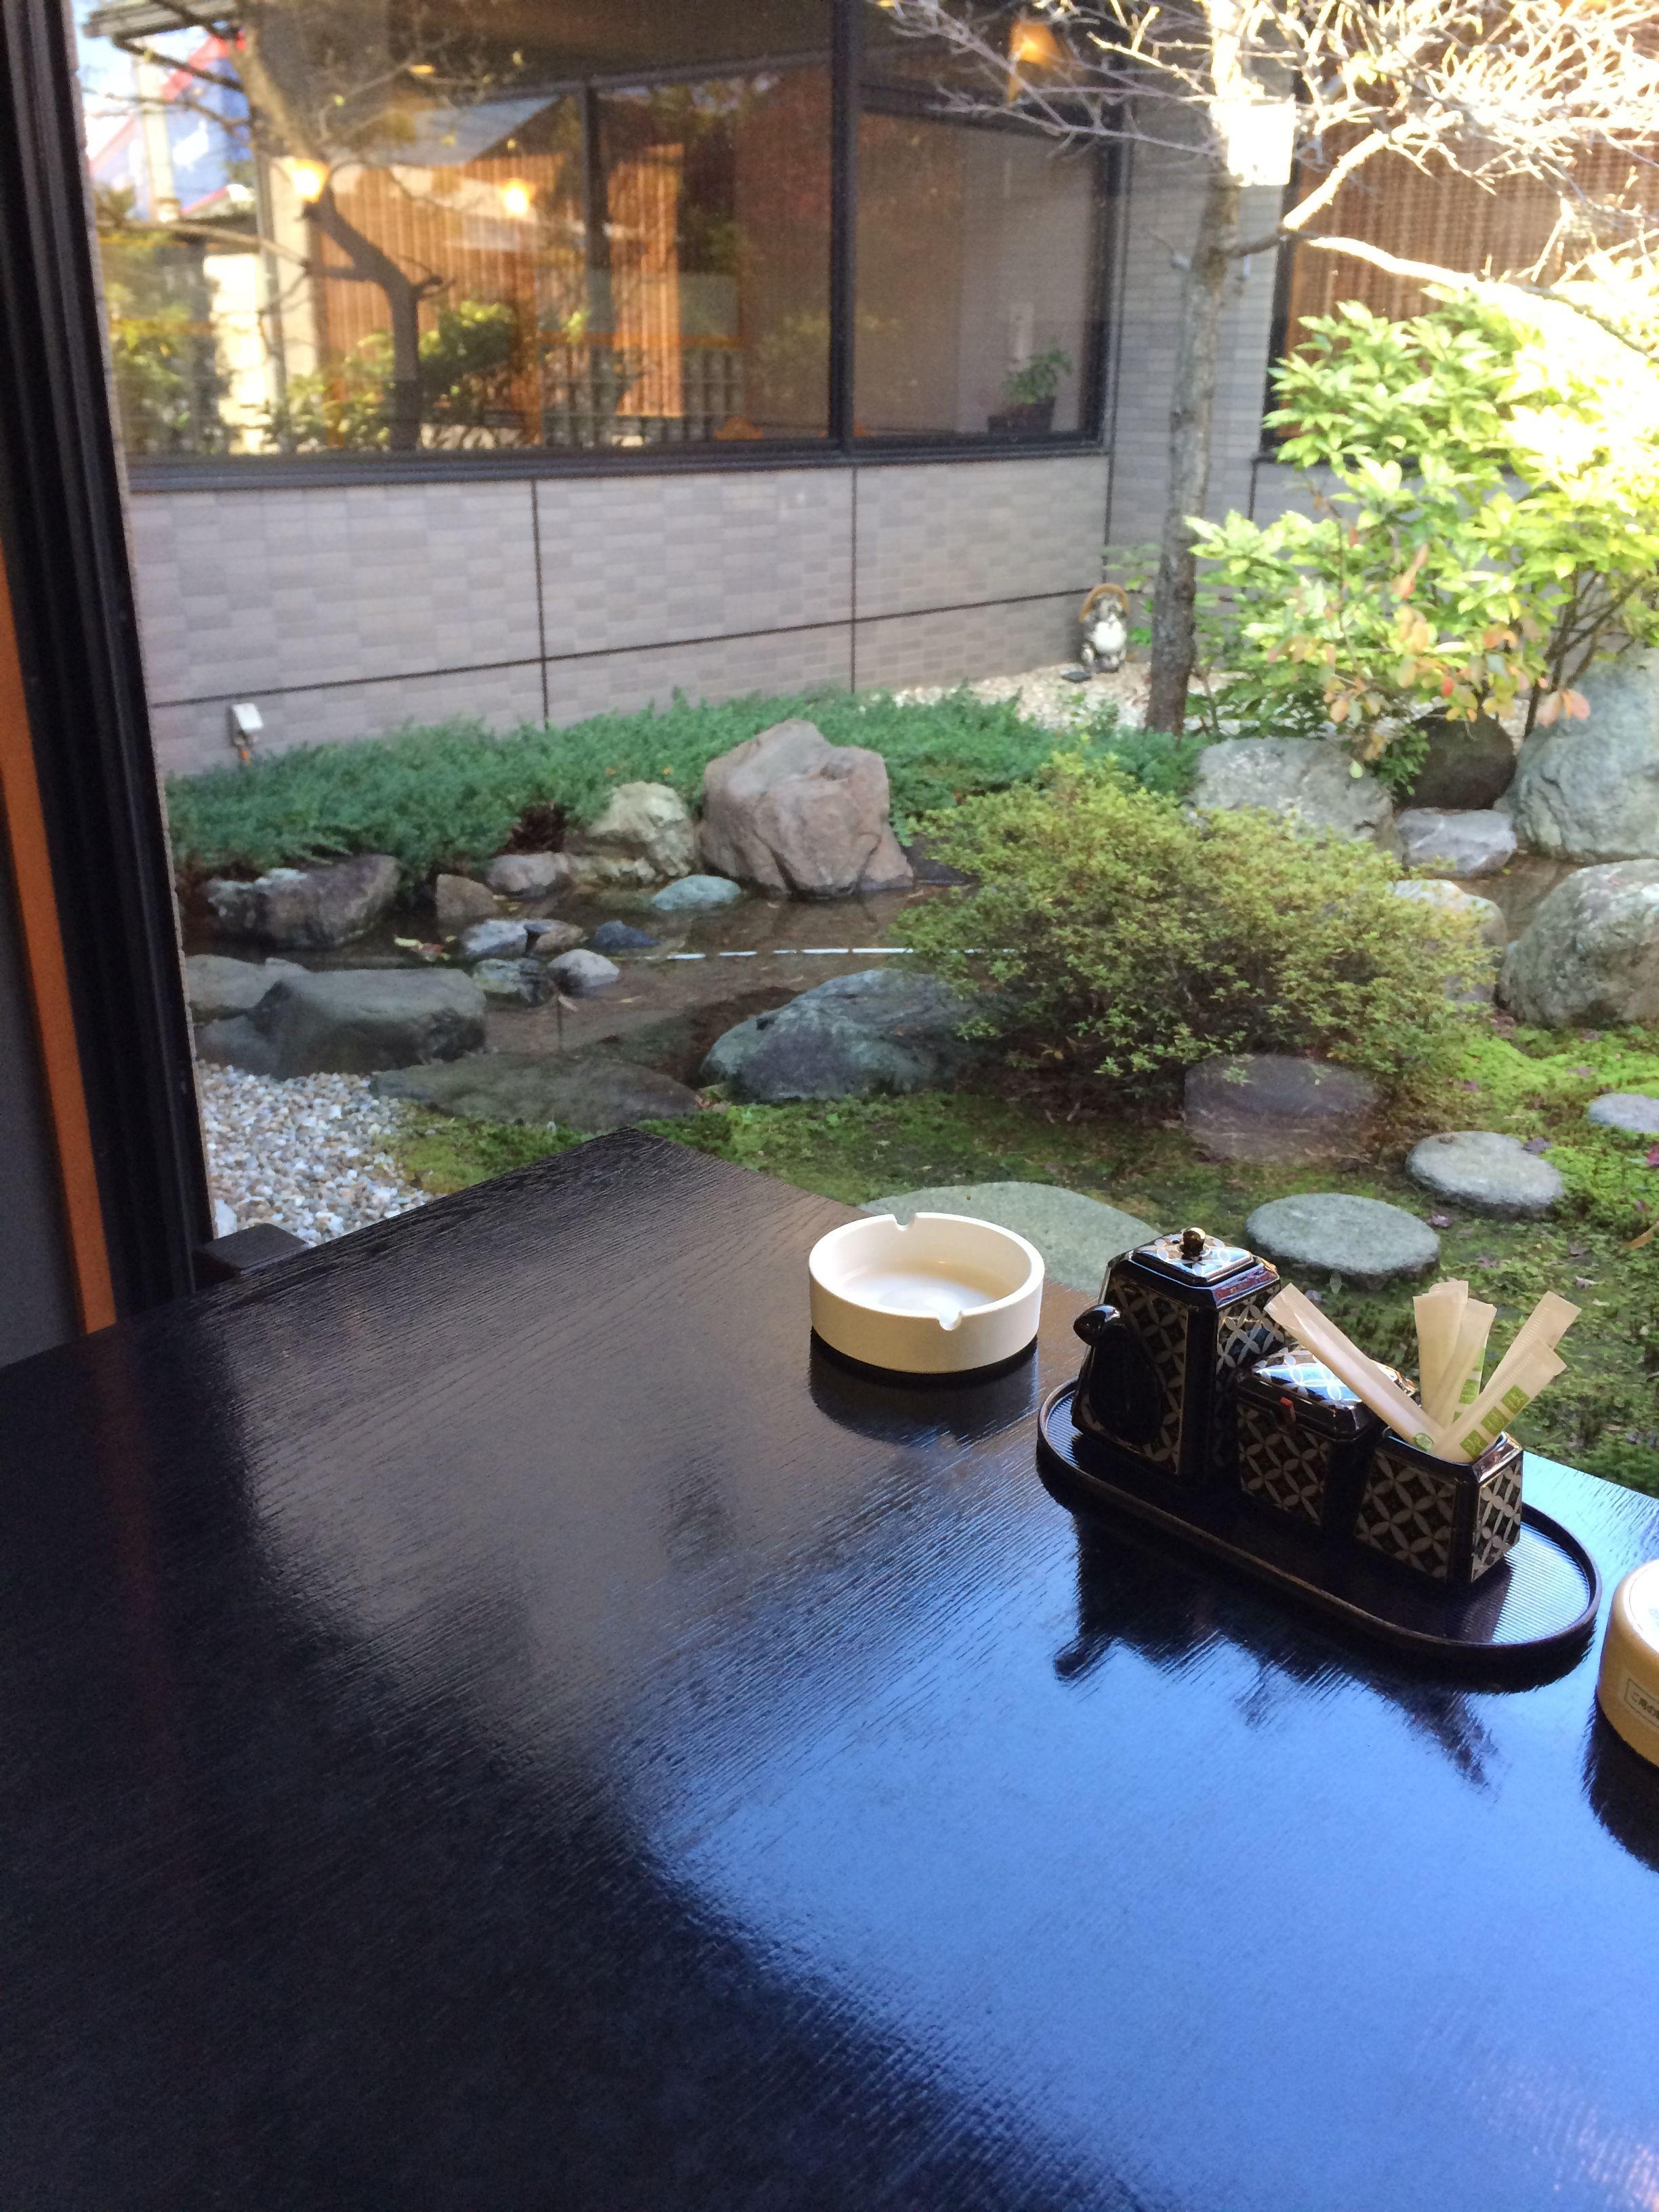 nakaniwa_1123.jpg